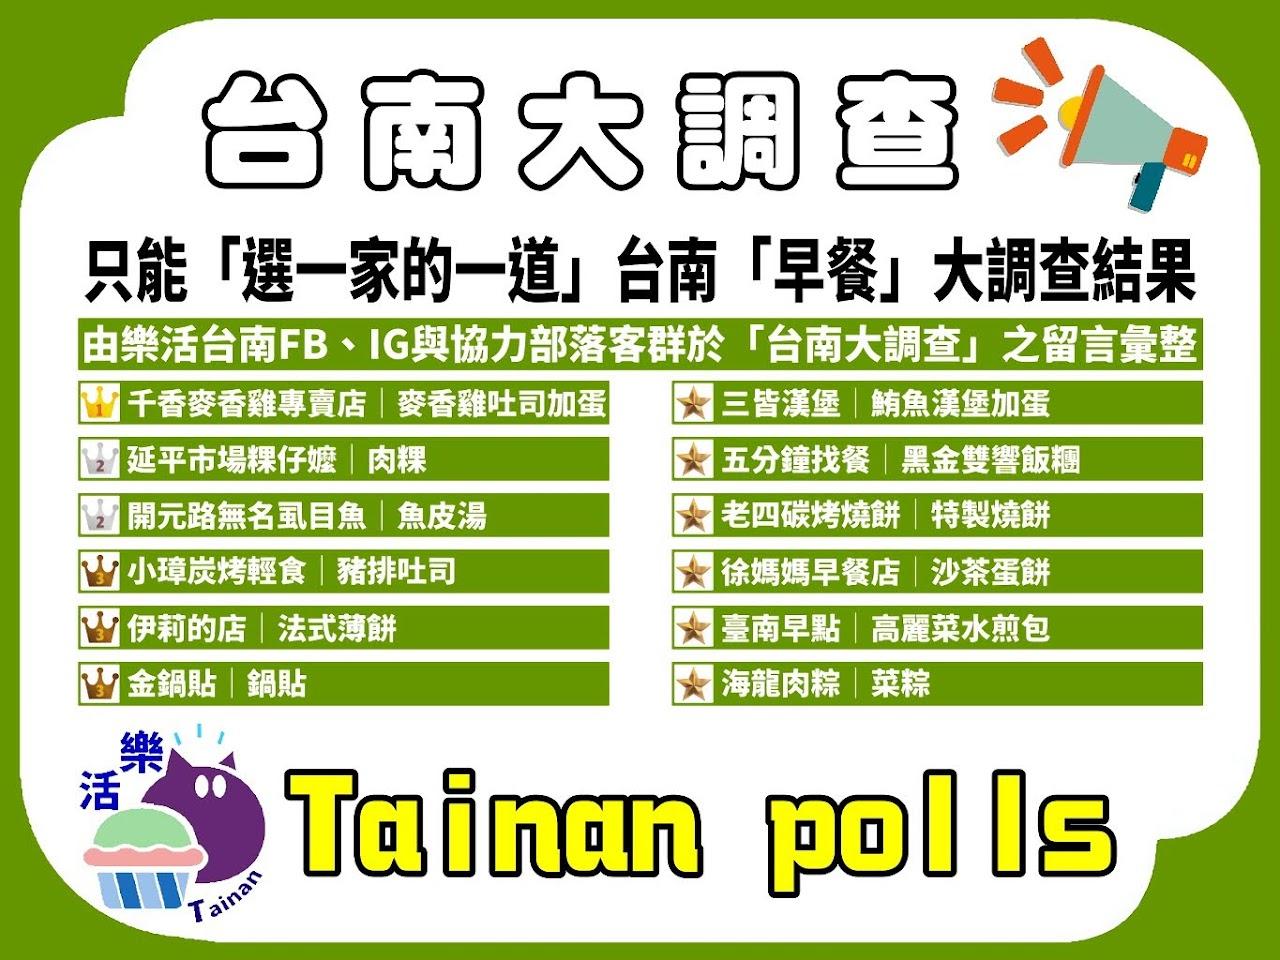 第一屆|只能「選一家的一道早餐」台南人推薦必吃早餐|台南大調查|Tainan Polls